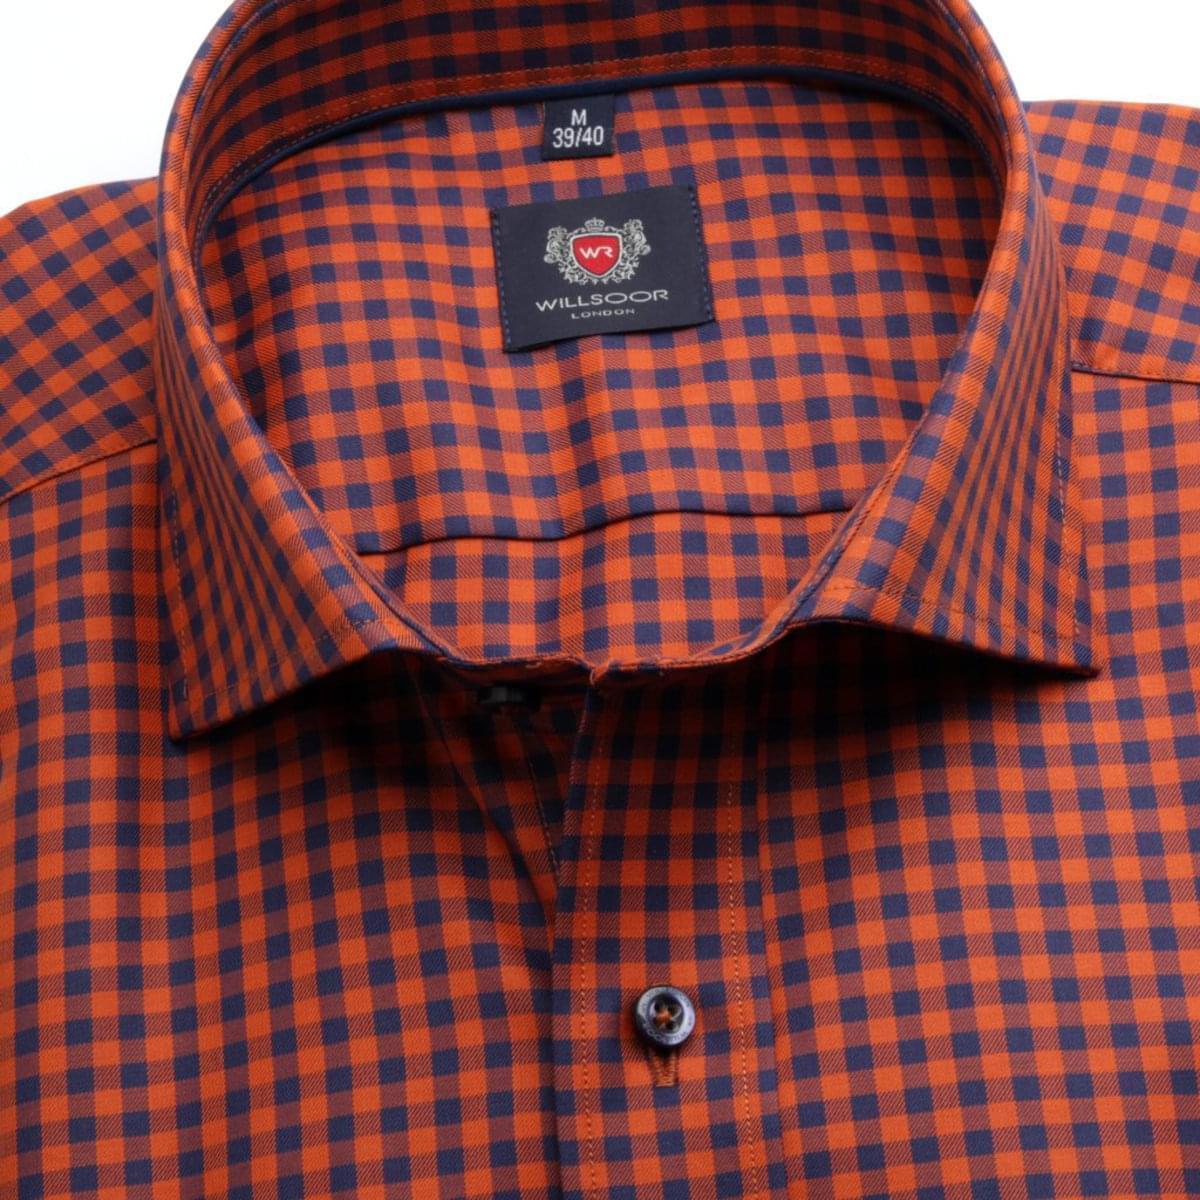 Pánská klasická košile London (výška 188-194) 6695 s barevnou kostkou a formulí Easy Care. 188-194 / XL (43/44)